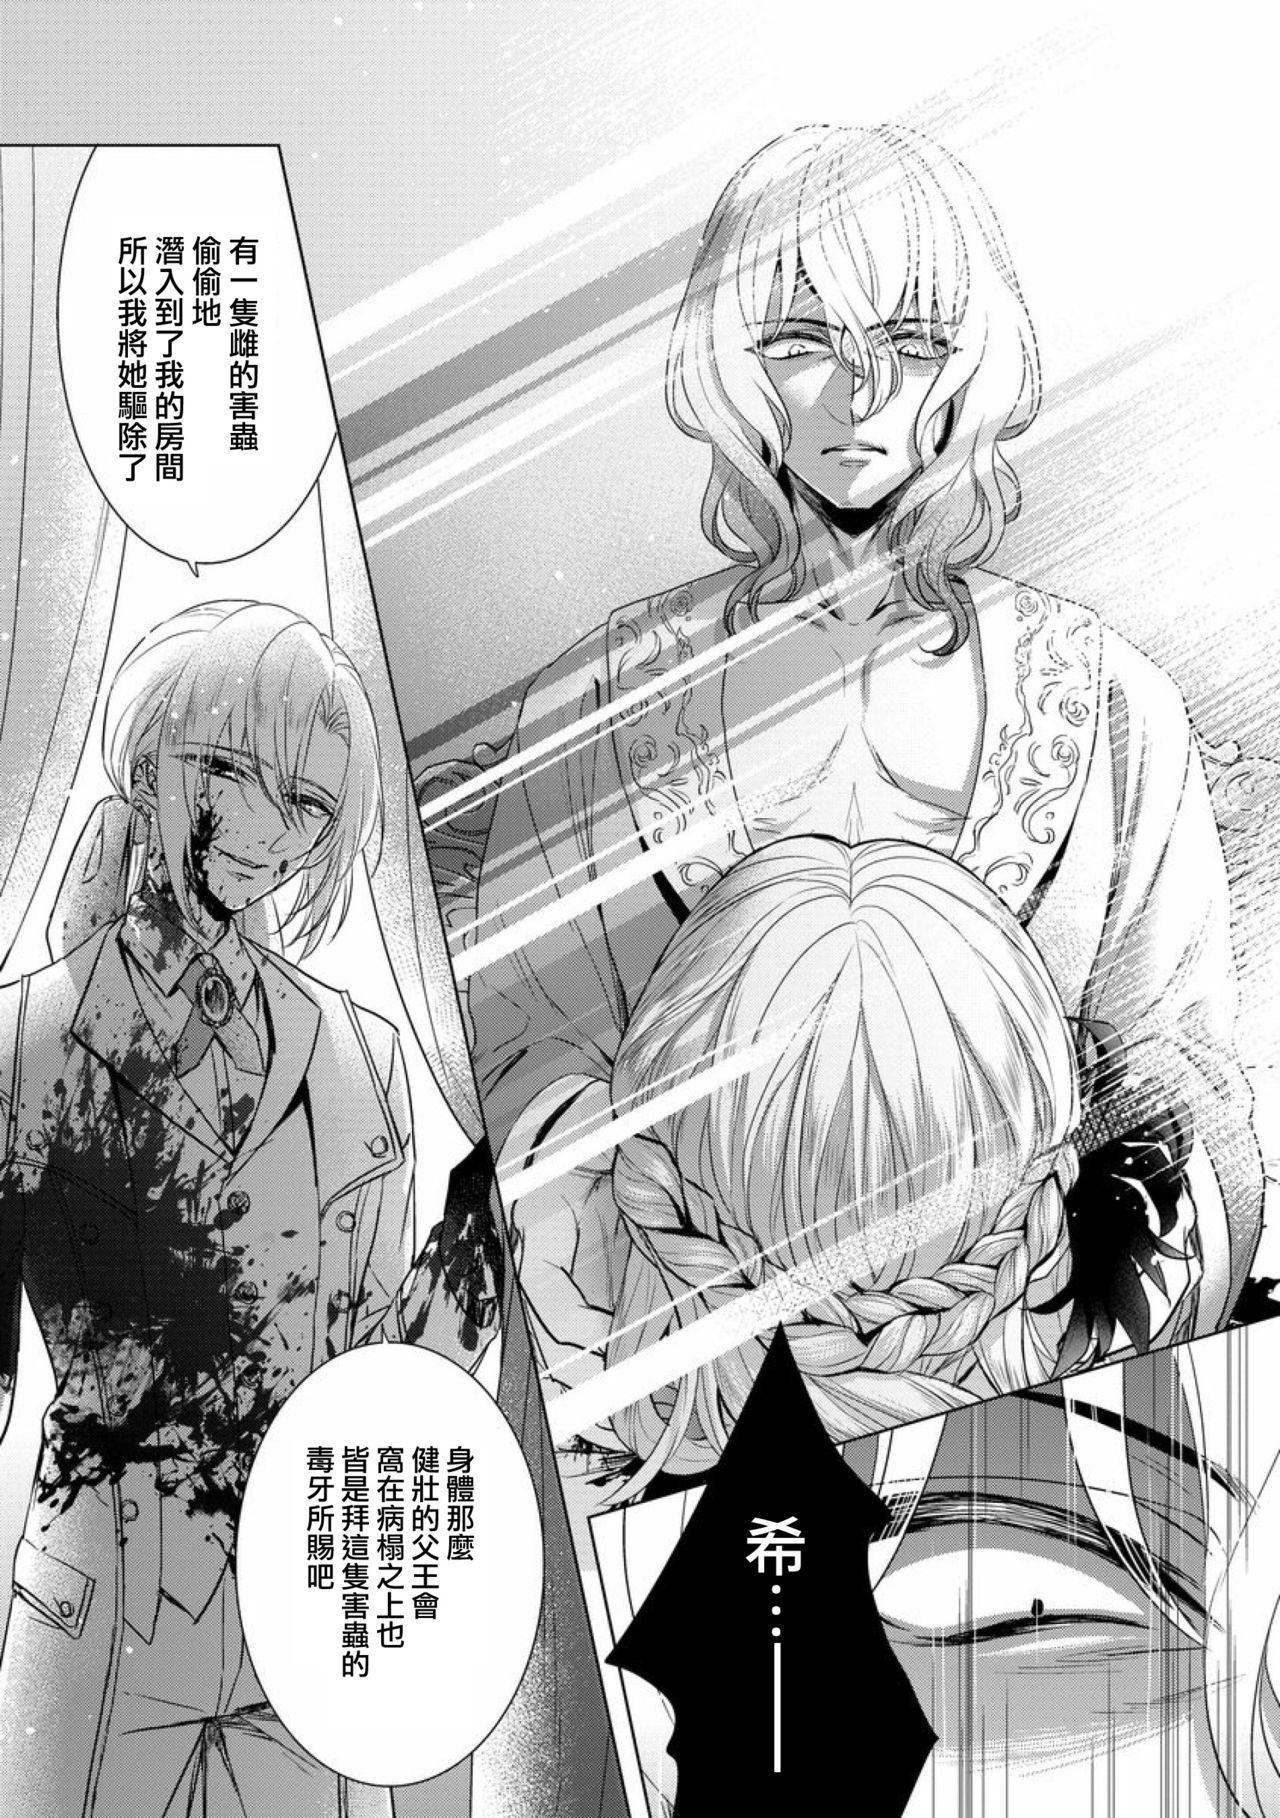 [Saotome Mokono] Kyououji no Ibitsu na Shuuai ~Nyotaika Knight no Totsukitooka~ Ch. 12 [Chinese] [瑞树汉化组] [Digital] 15